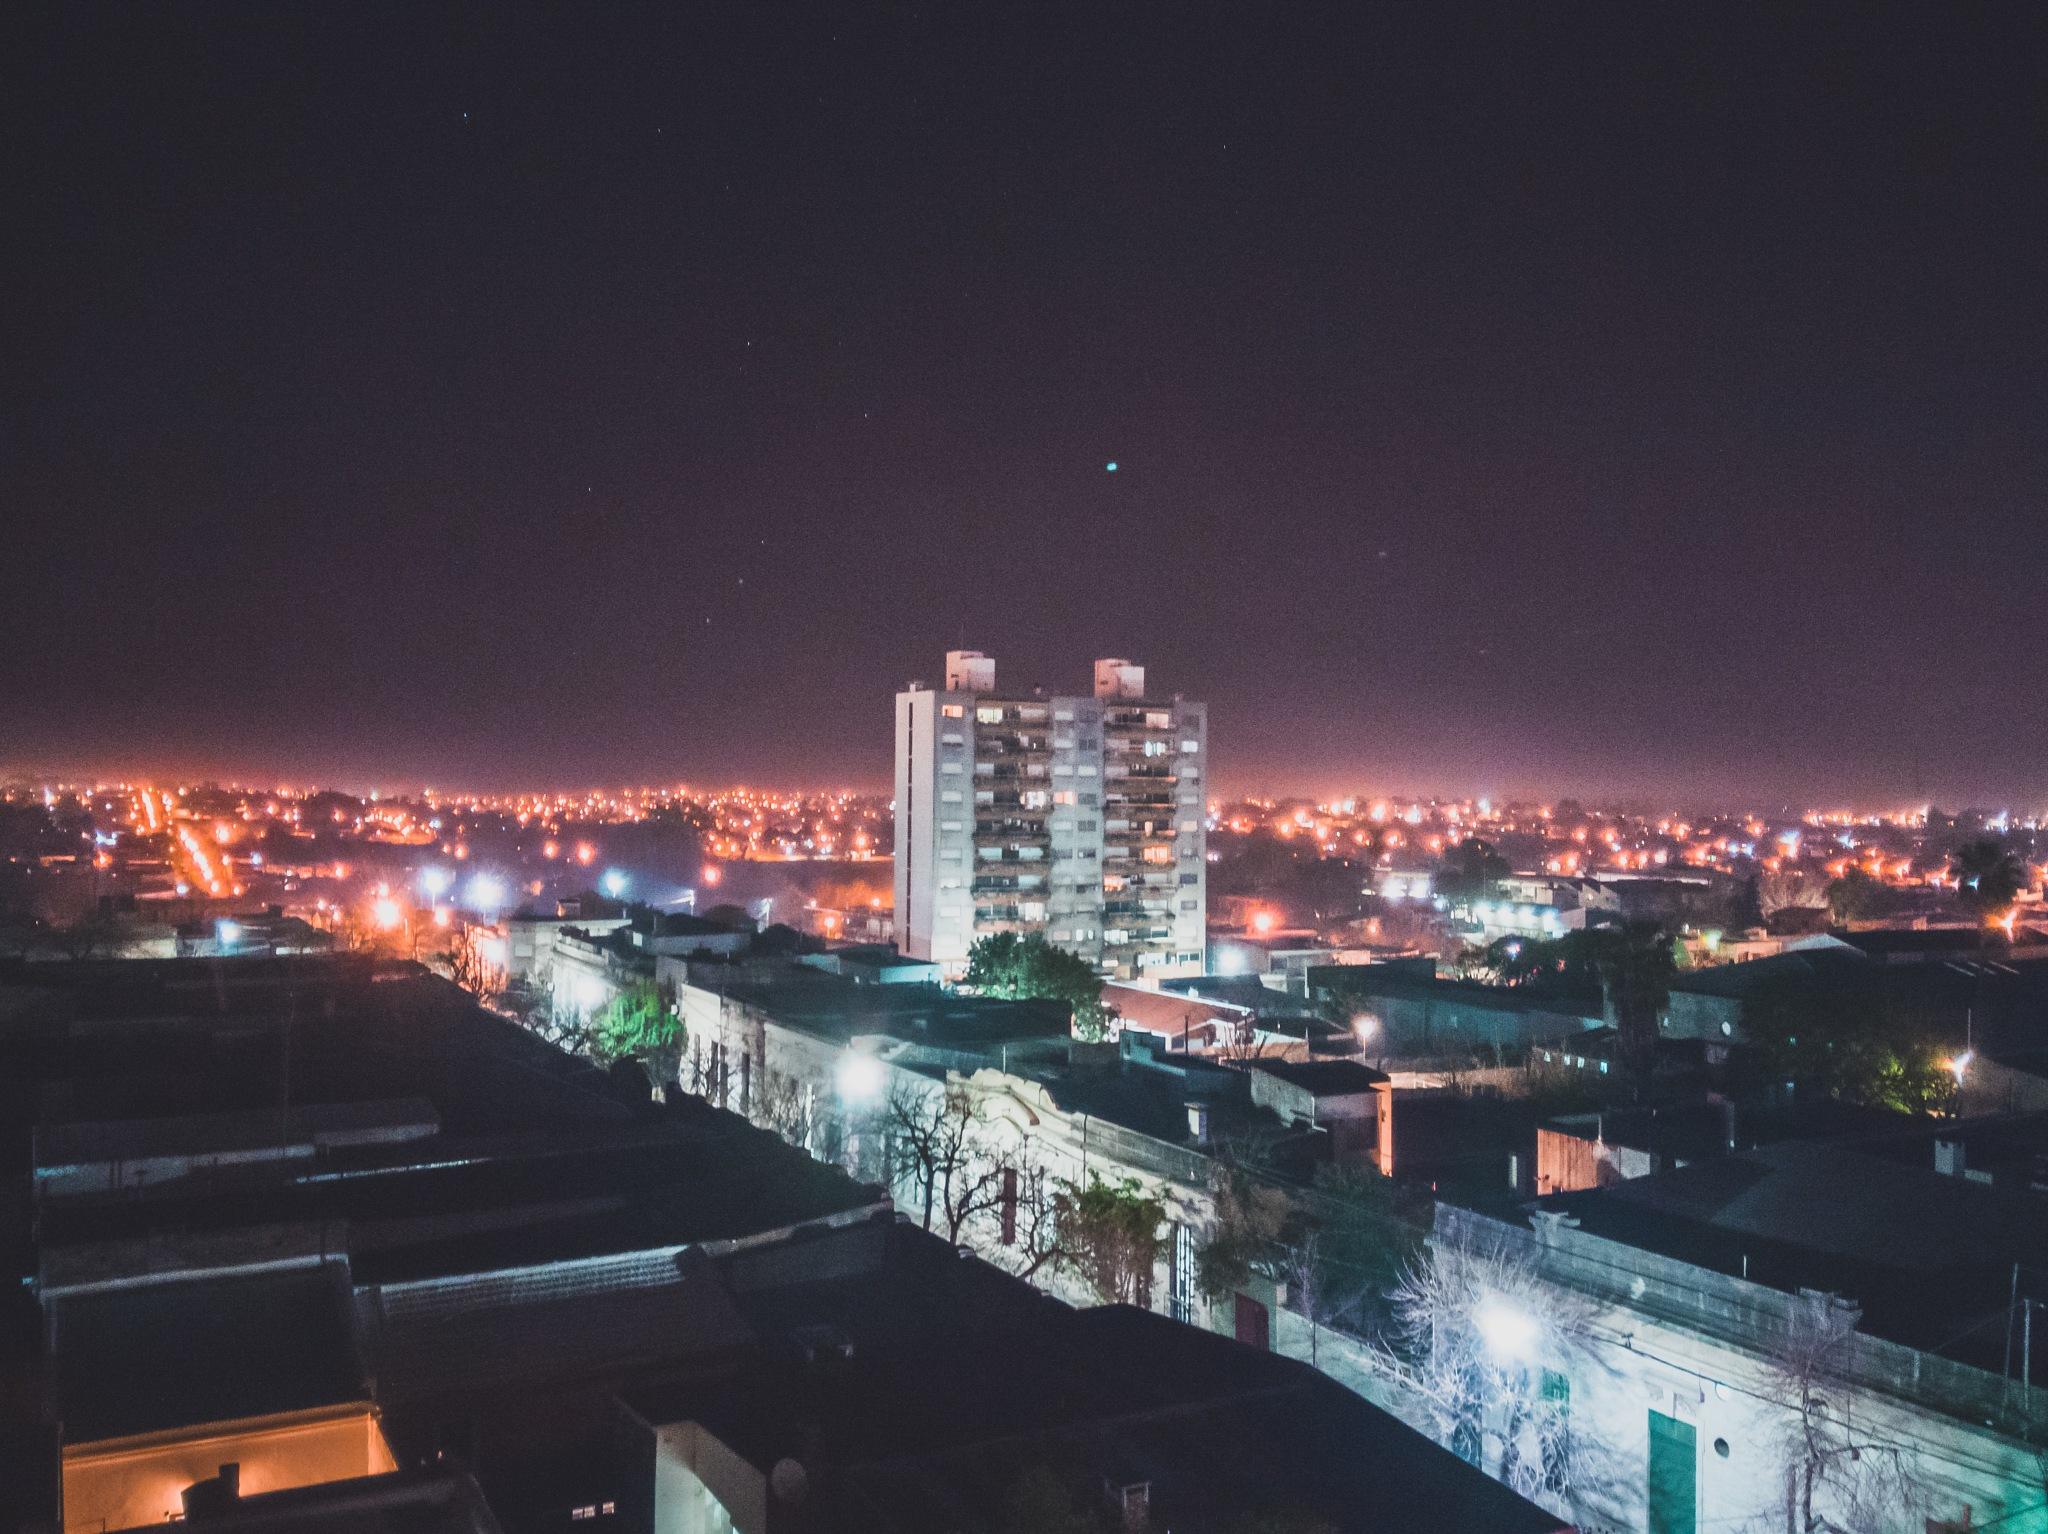 Hotline City by Kraper (Matías Olivera)